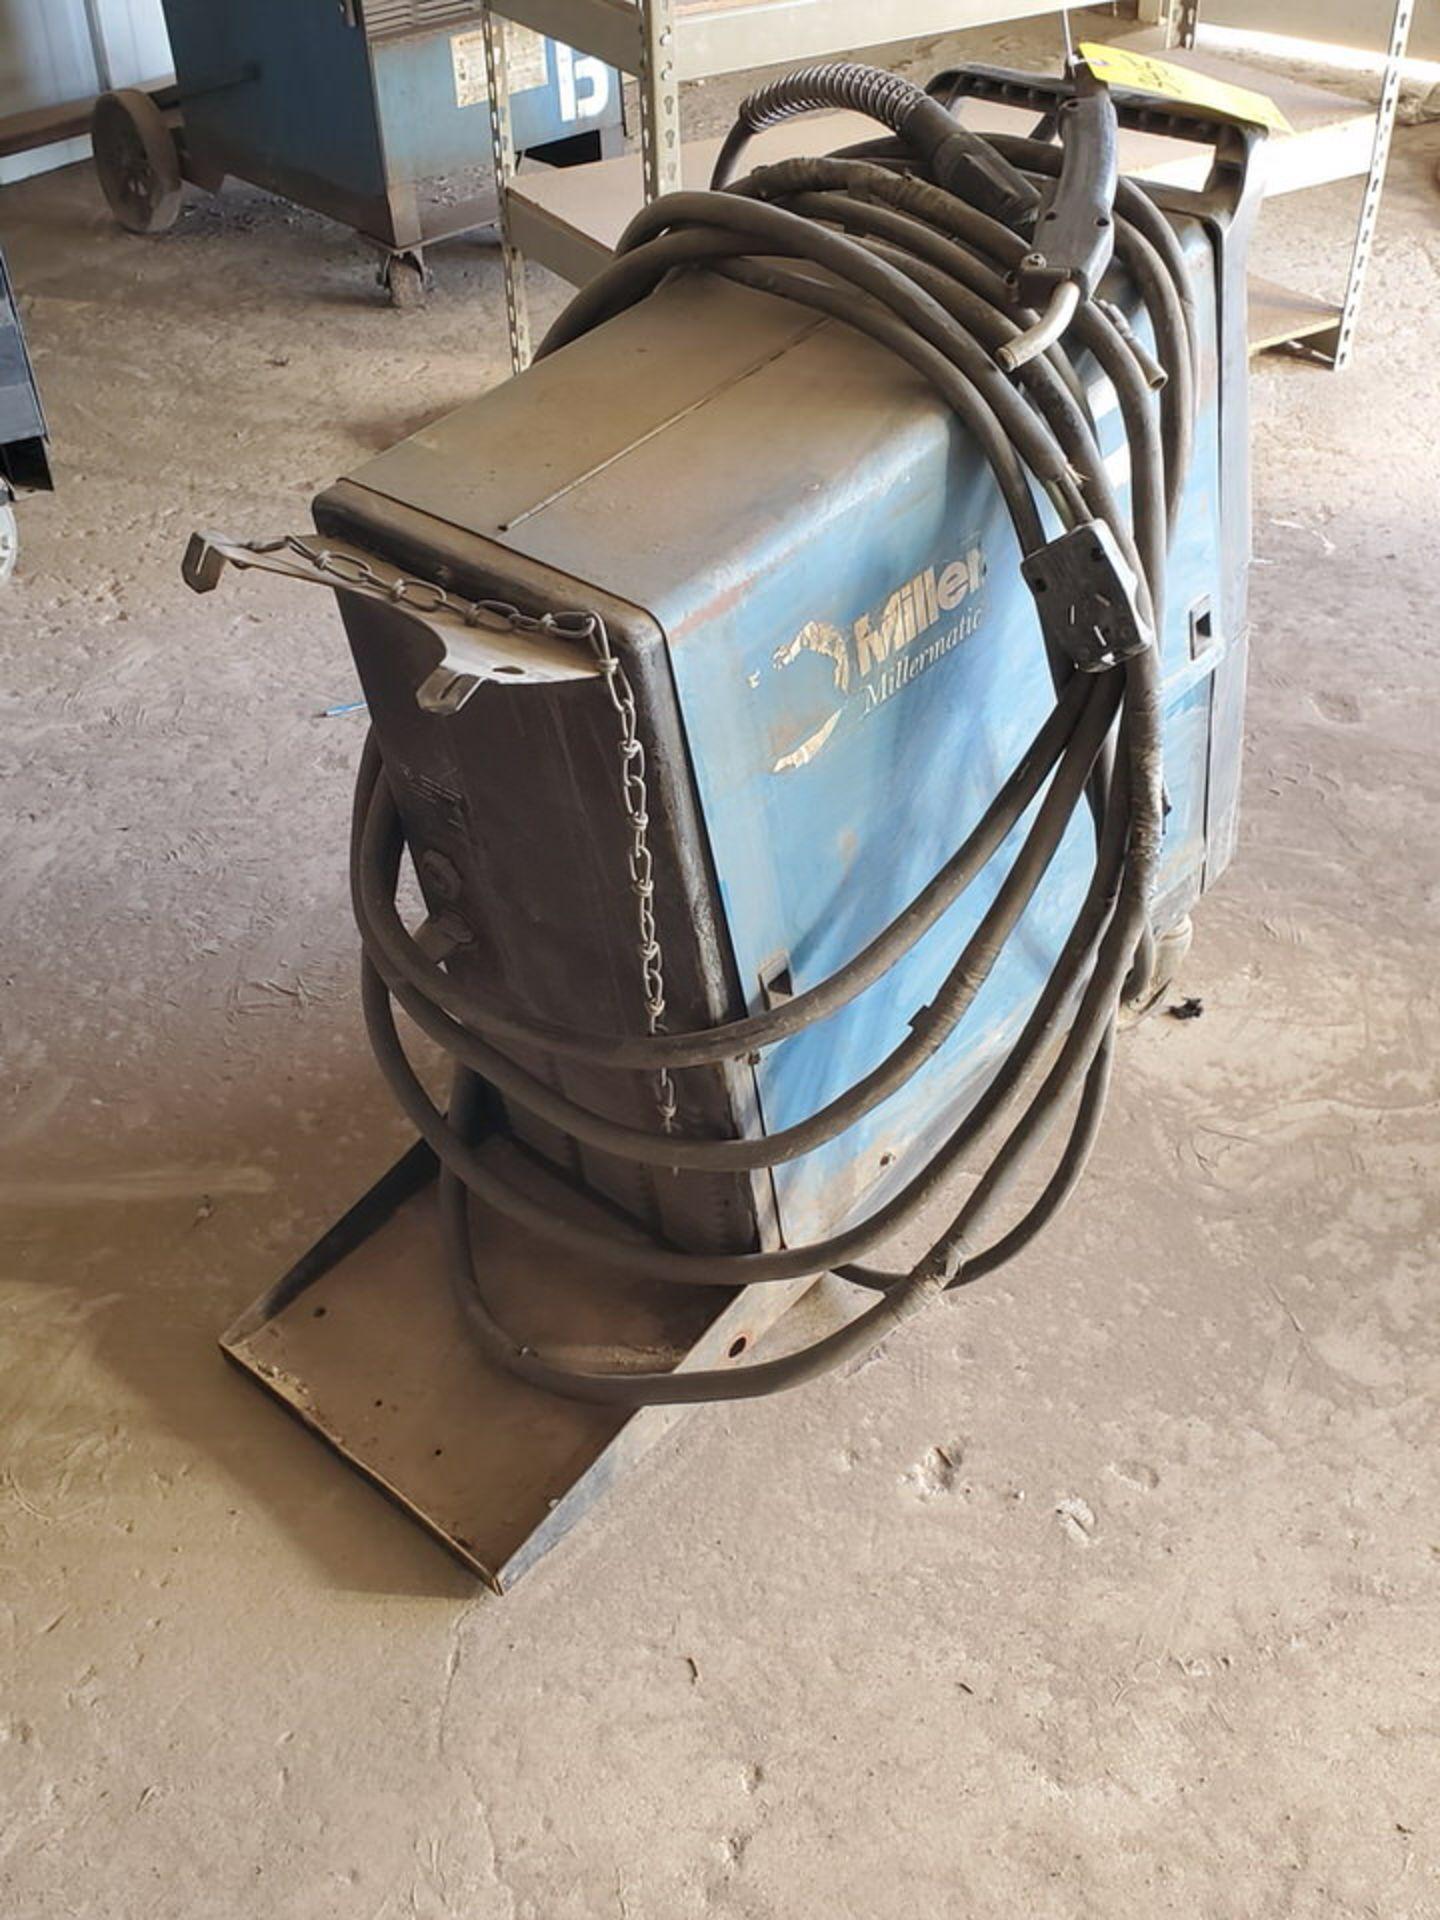 Miller Millermatic 250 Plasma Cutter 200/230V, 48/42A, 1PH, 60HZ - Image 4 of 7